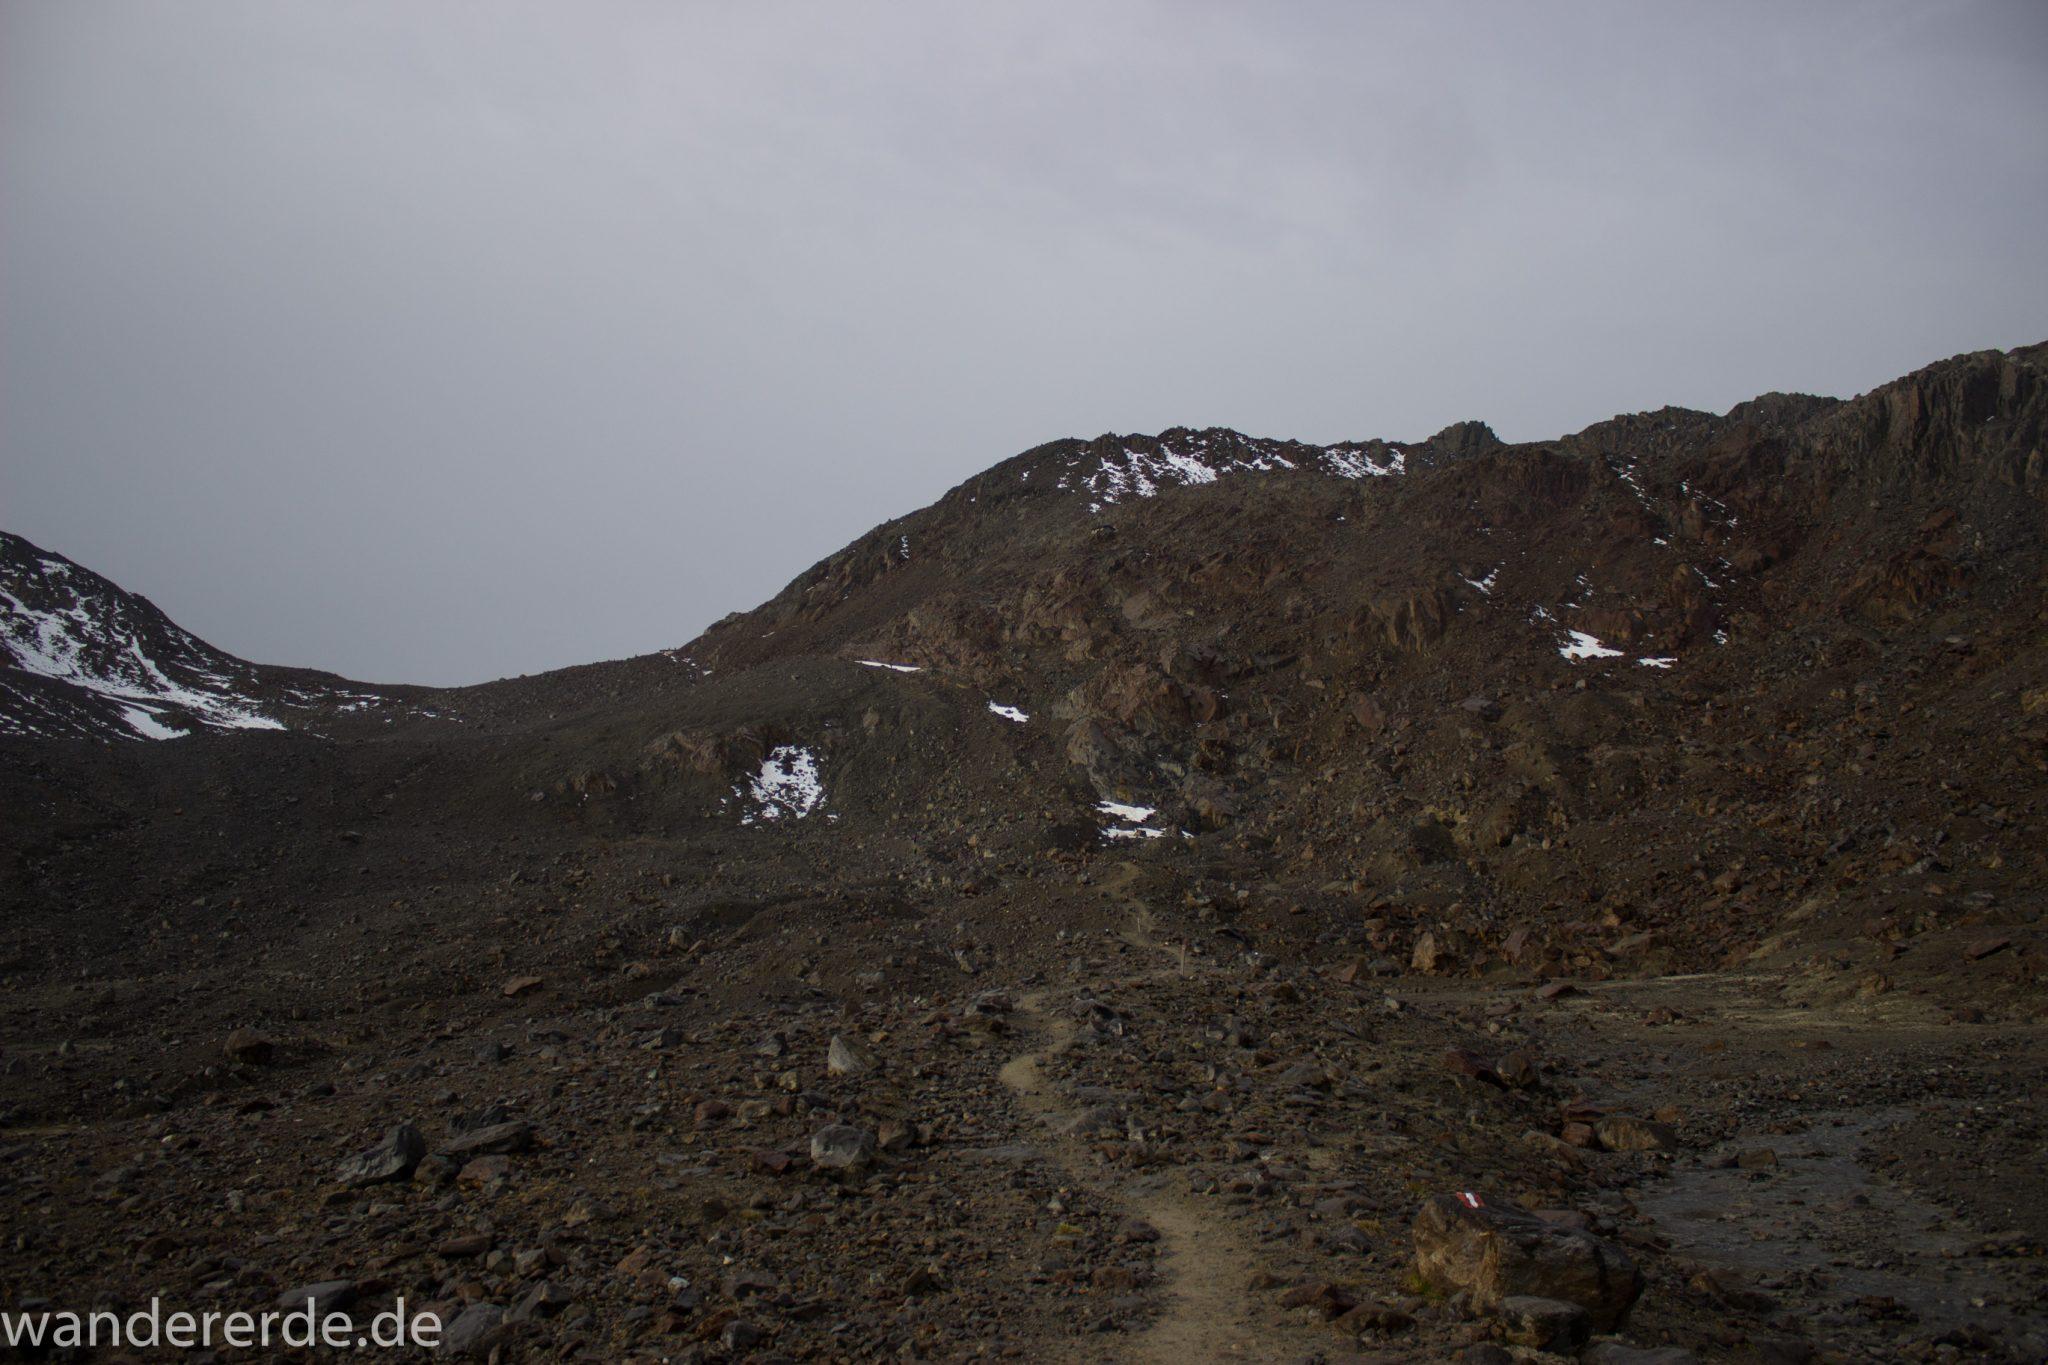 Alpenüberquerung Fernwanderweg E5 Oberstdorf Meran, 6. Etappe von Martin-Busch-Hütte nach Vernagt / Meran, die letzte Etappe der Alpenüberquerung auf dem E5 startet mit dem Aufstieg zur Similaun-Hütte, dem höchsten Punkt der gesamten Alpenüberquerung, umliegende sehr beeindruckende Bergwelt erscheint unwirklich und mystisch, Berghänge mit viel Geröll, grob steiniger Wanderweg verläuft zunächst gering ansteigend neben einem Bach